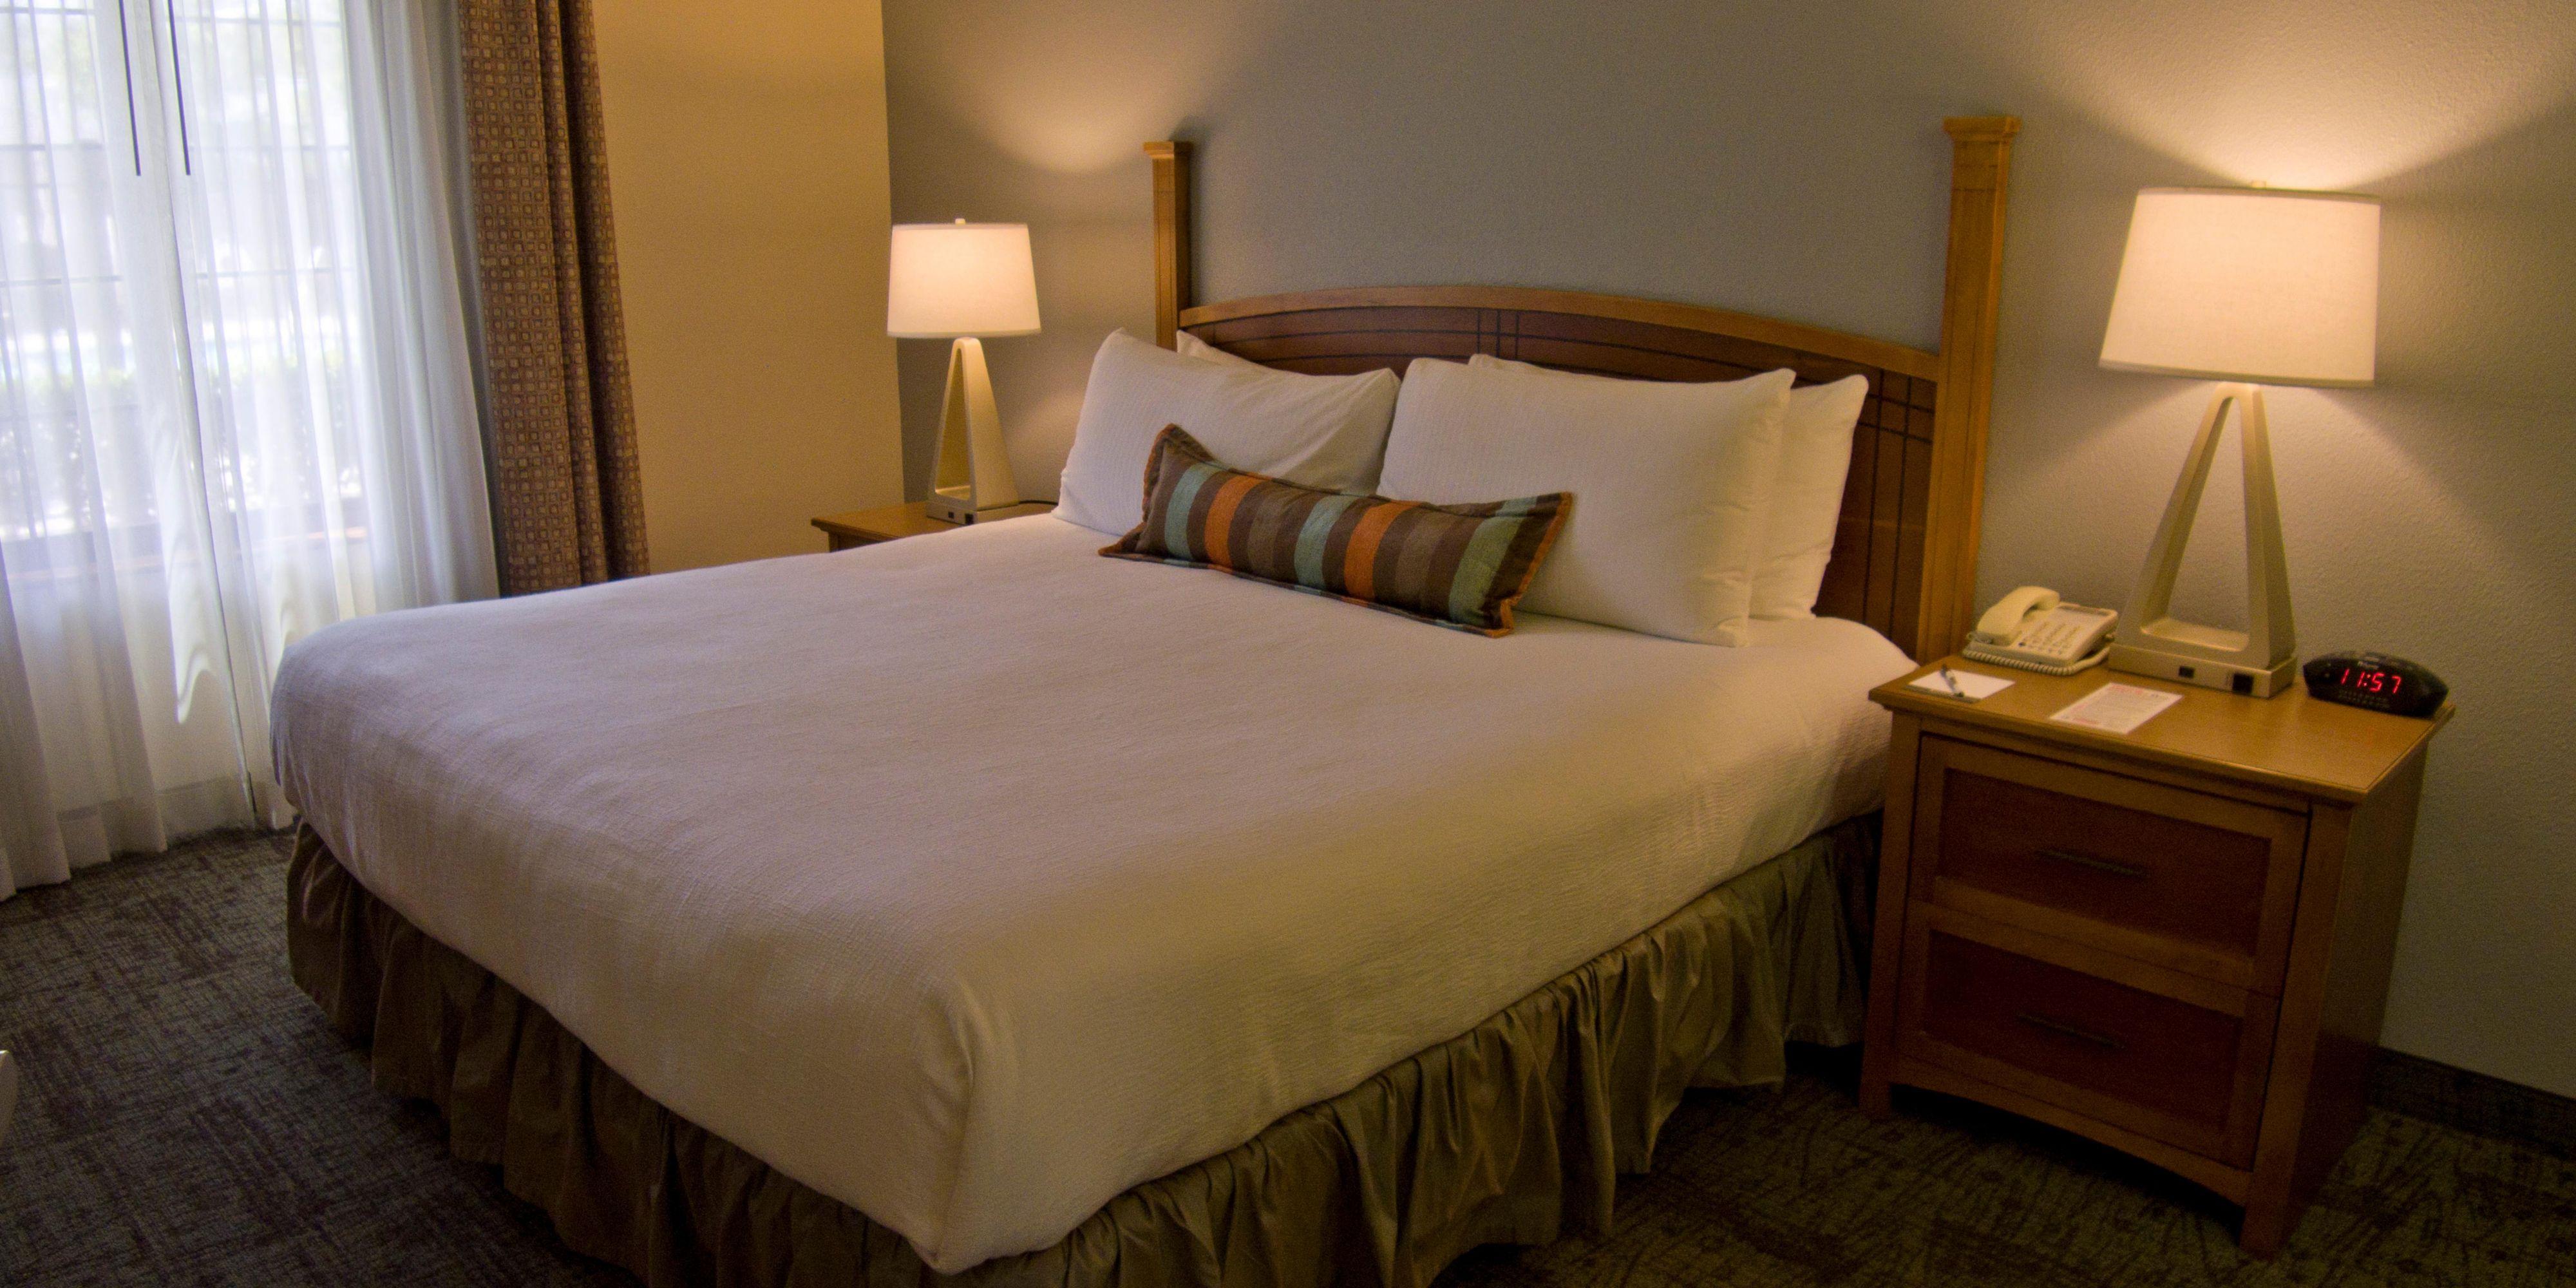 Staybridge Suites Houston - Baytown - Baytown, United States